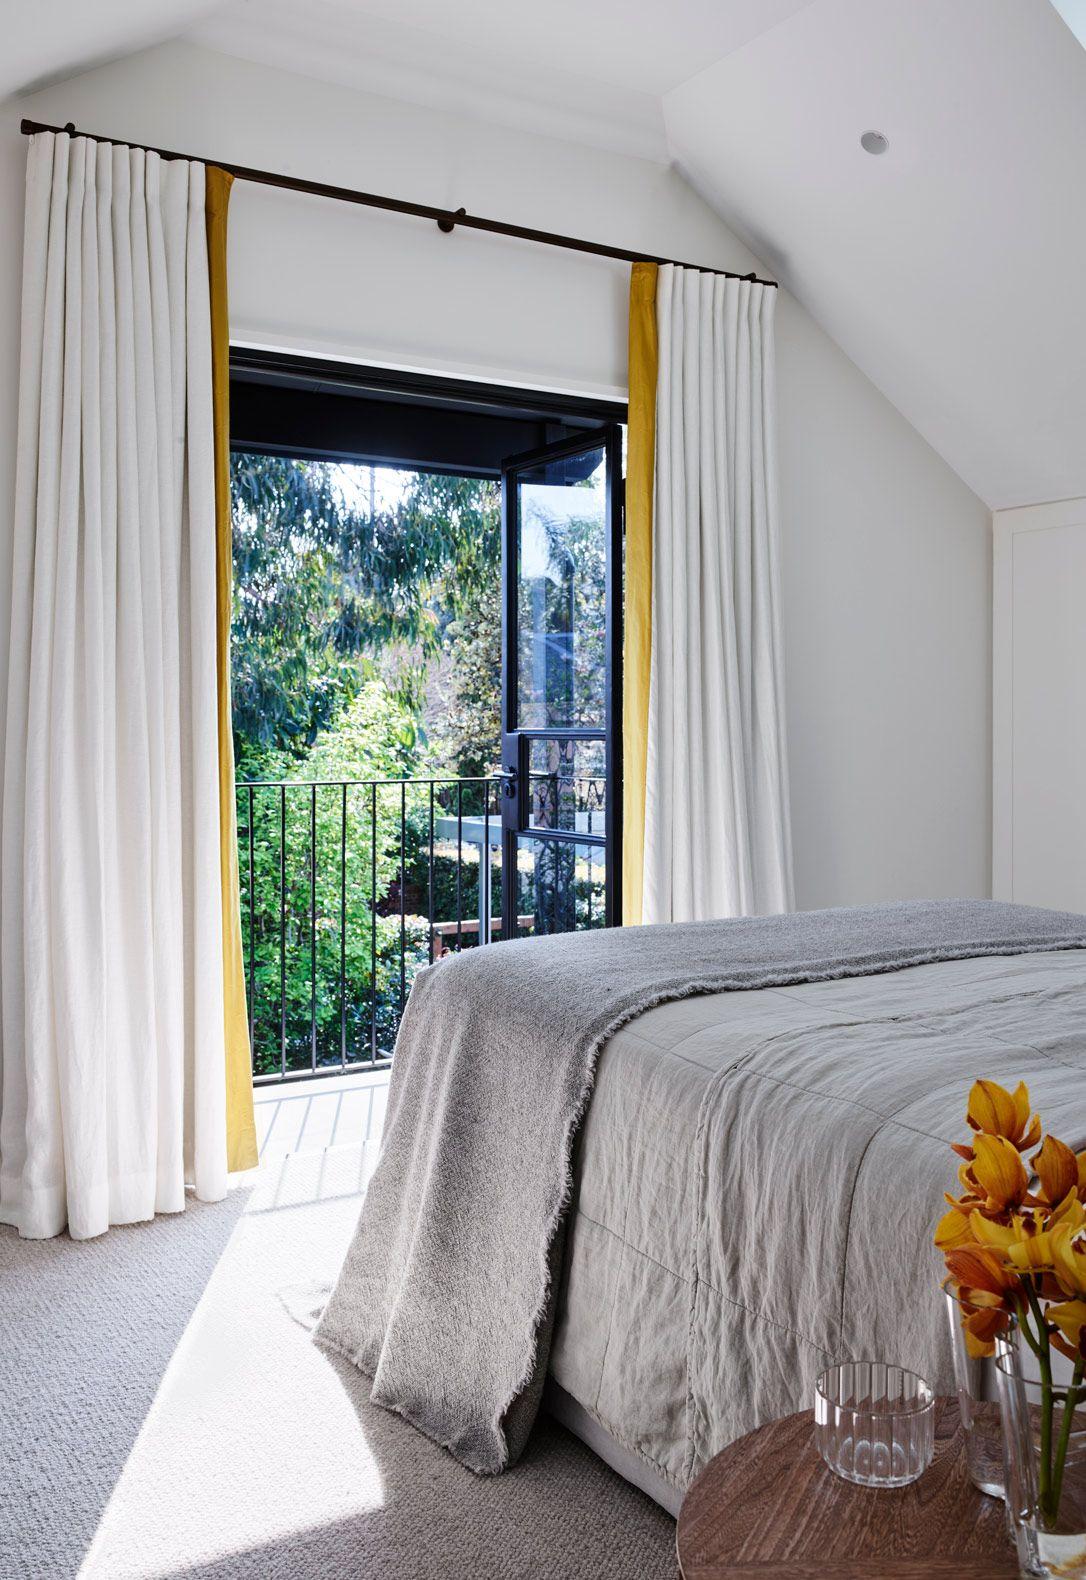 5 Brilliant Balcony Decorating Ideas - Balcony Design Tips